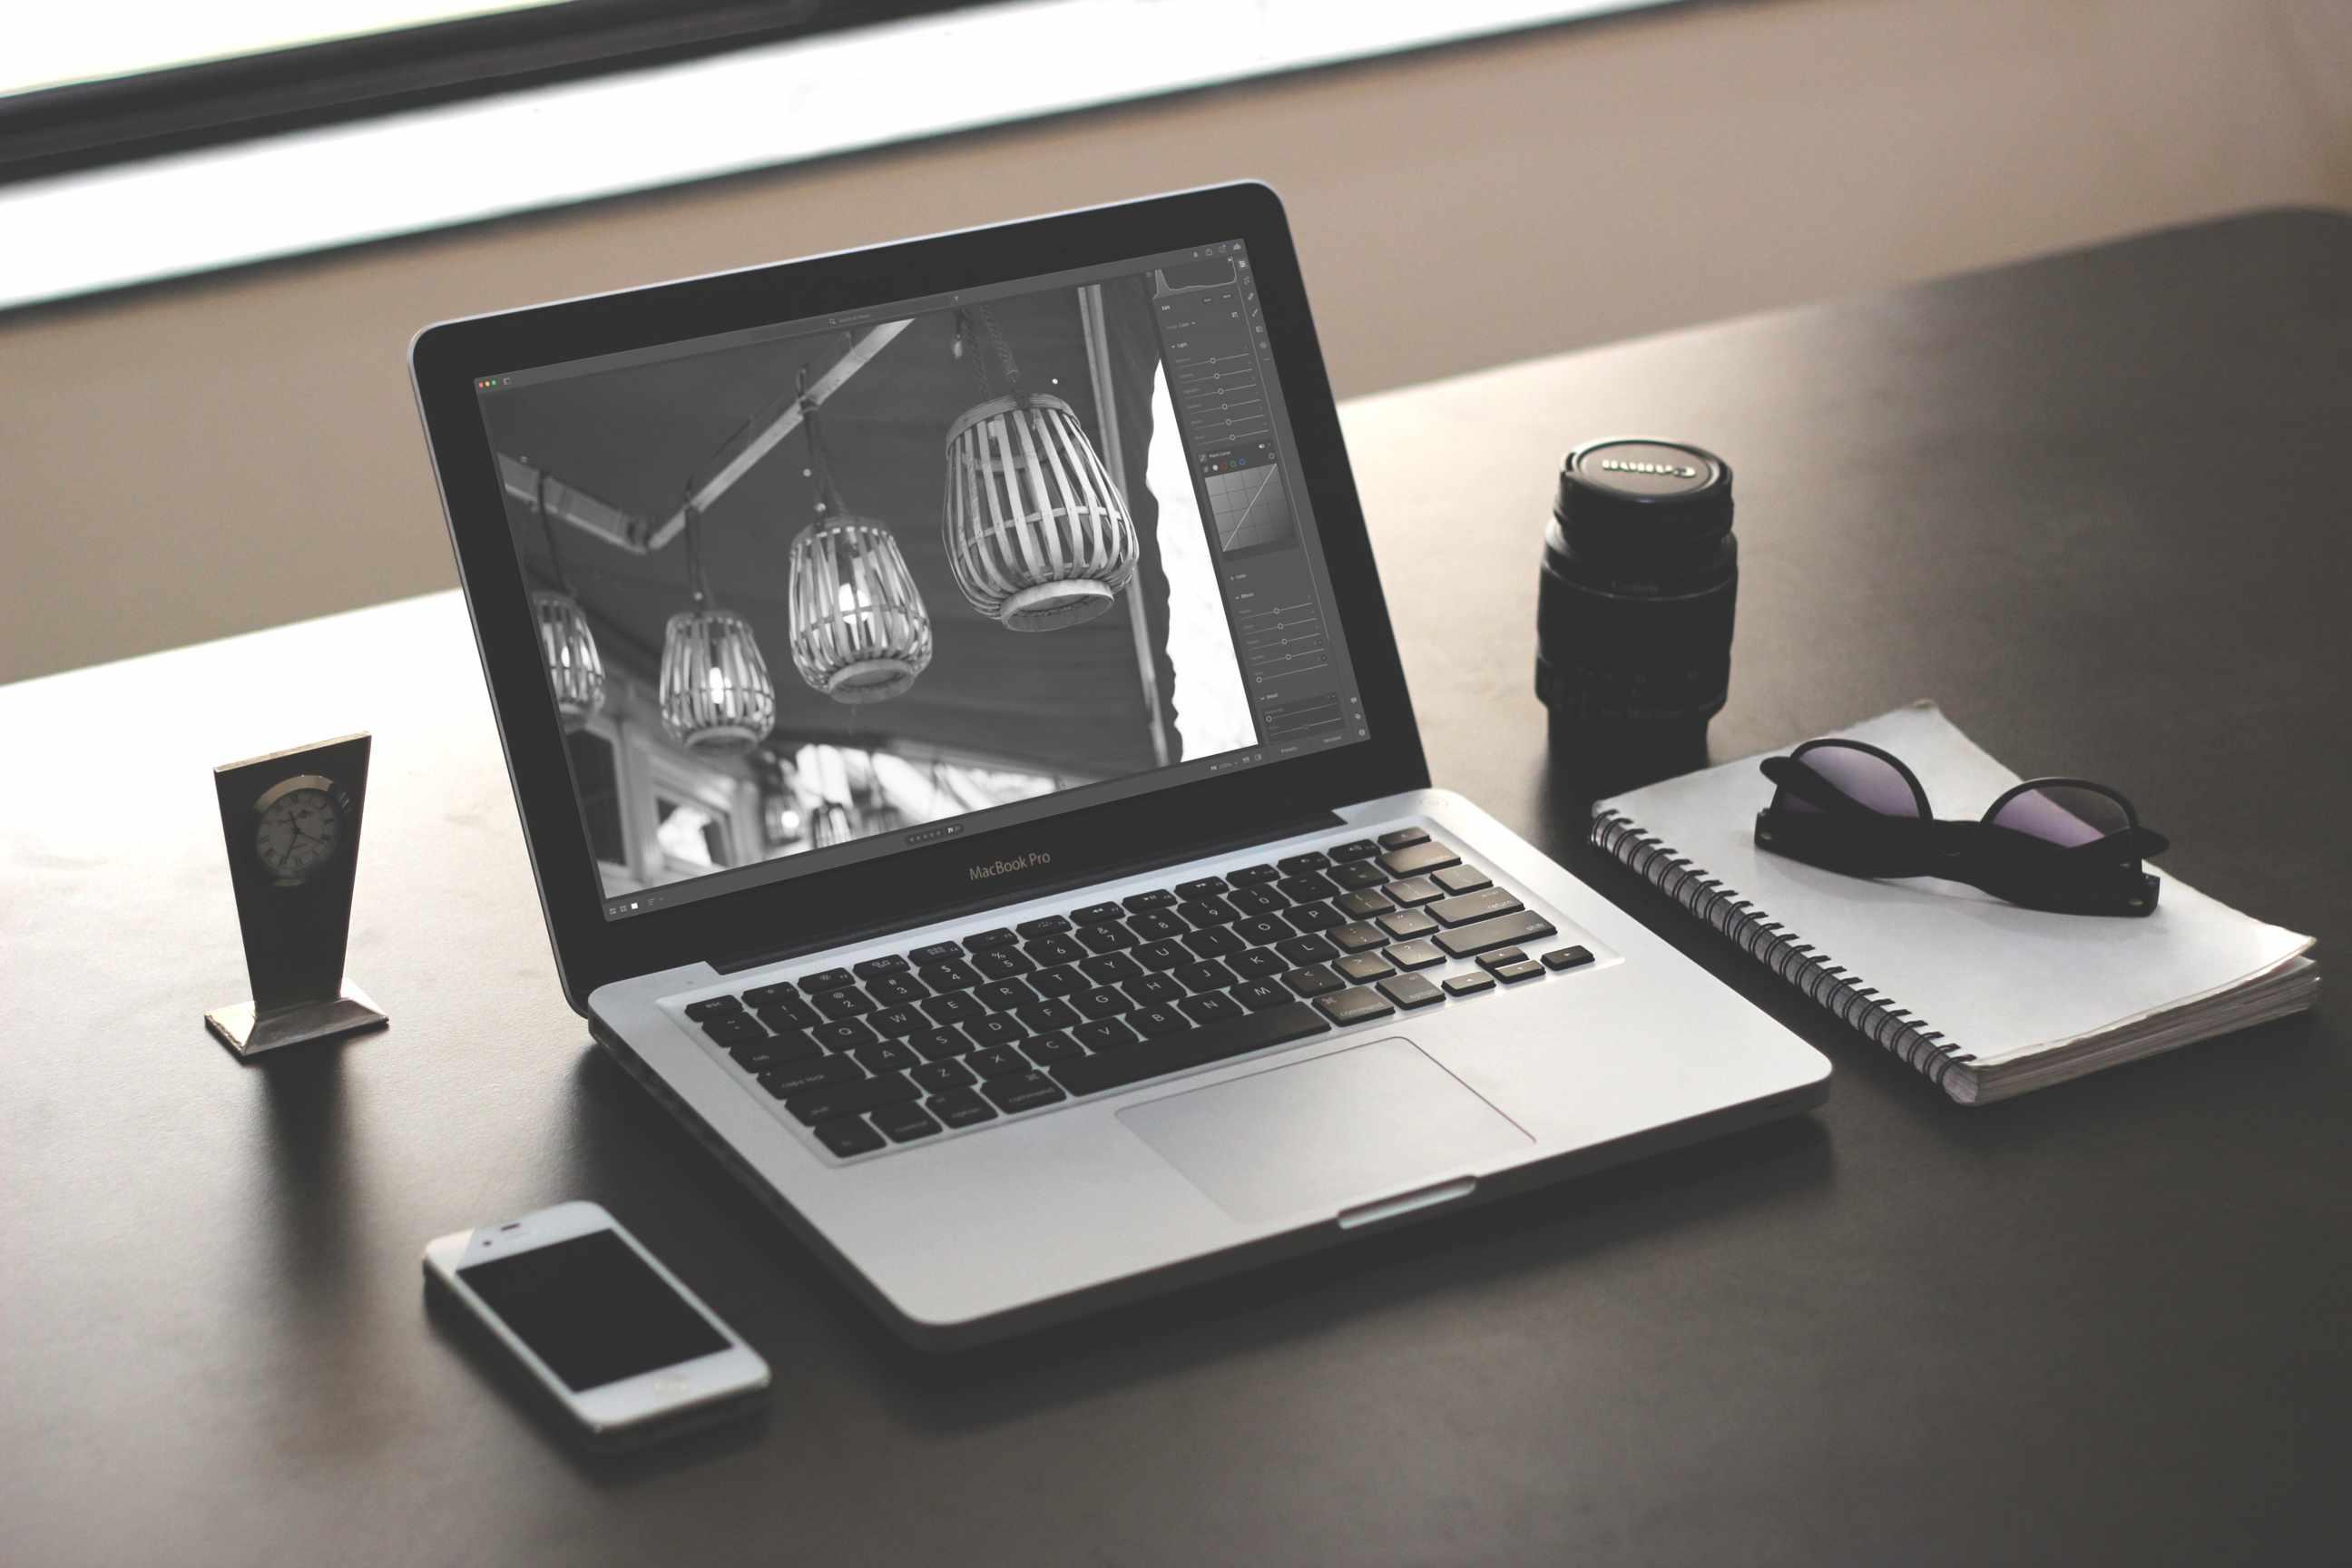 A Charlie Sorrel photo in Adobe Lightroom displayed on a MacBook Pro laptop.